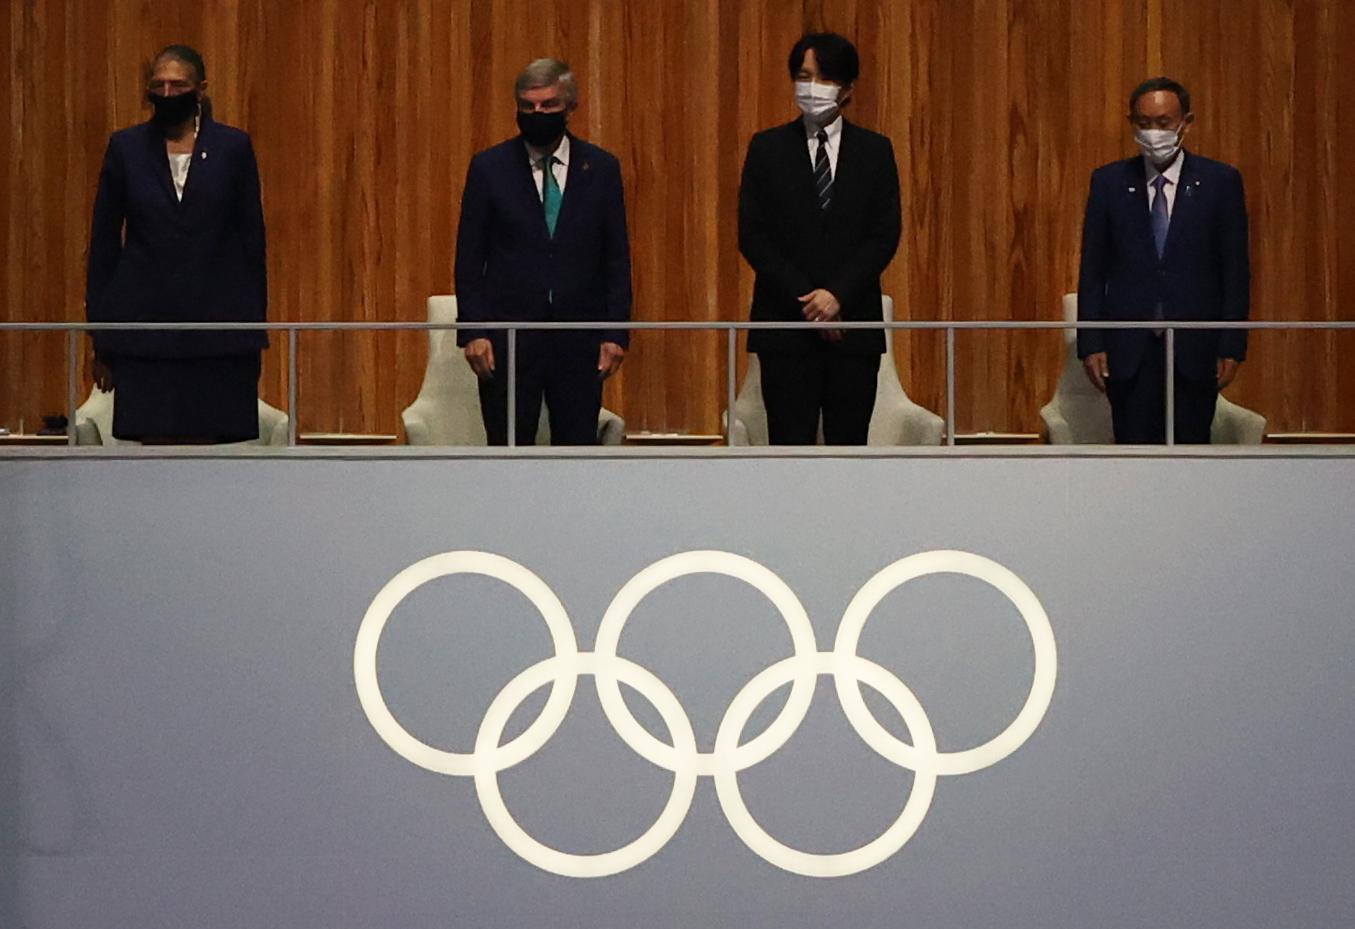 समापन समारोह के दौरान इंटरनेशनल ओलिंपिक कमेटी के प्रेसिडेंट थॉमस बाक, जापान के क्राउन प्रिंस अकिशिनो और जापान के प्रधानमंत्री योशिहिदे सुगा भी पहुंचे। सभी ने मास्क लगाया हुआ है।